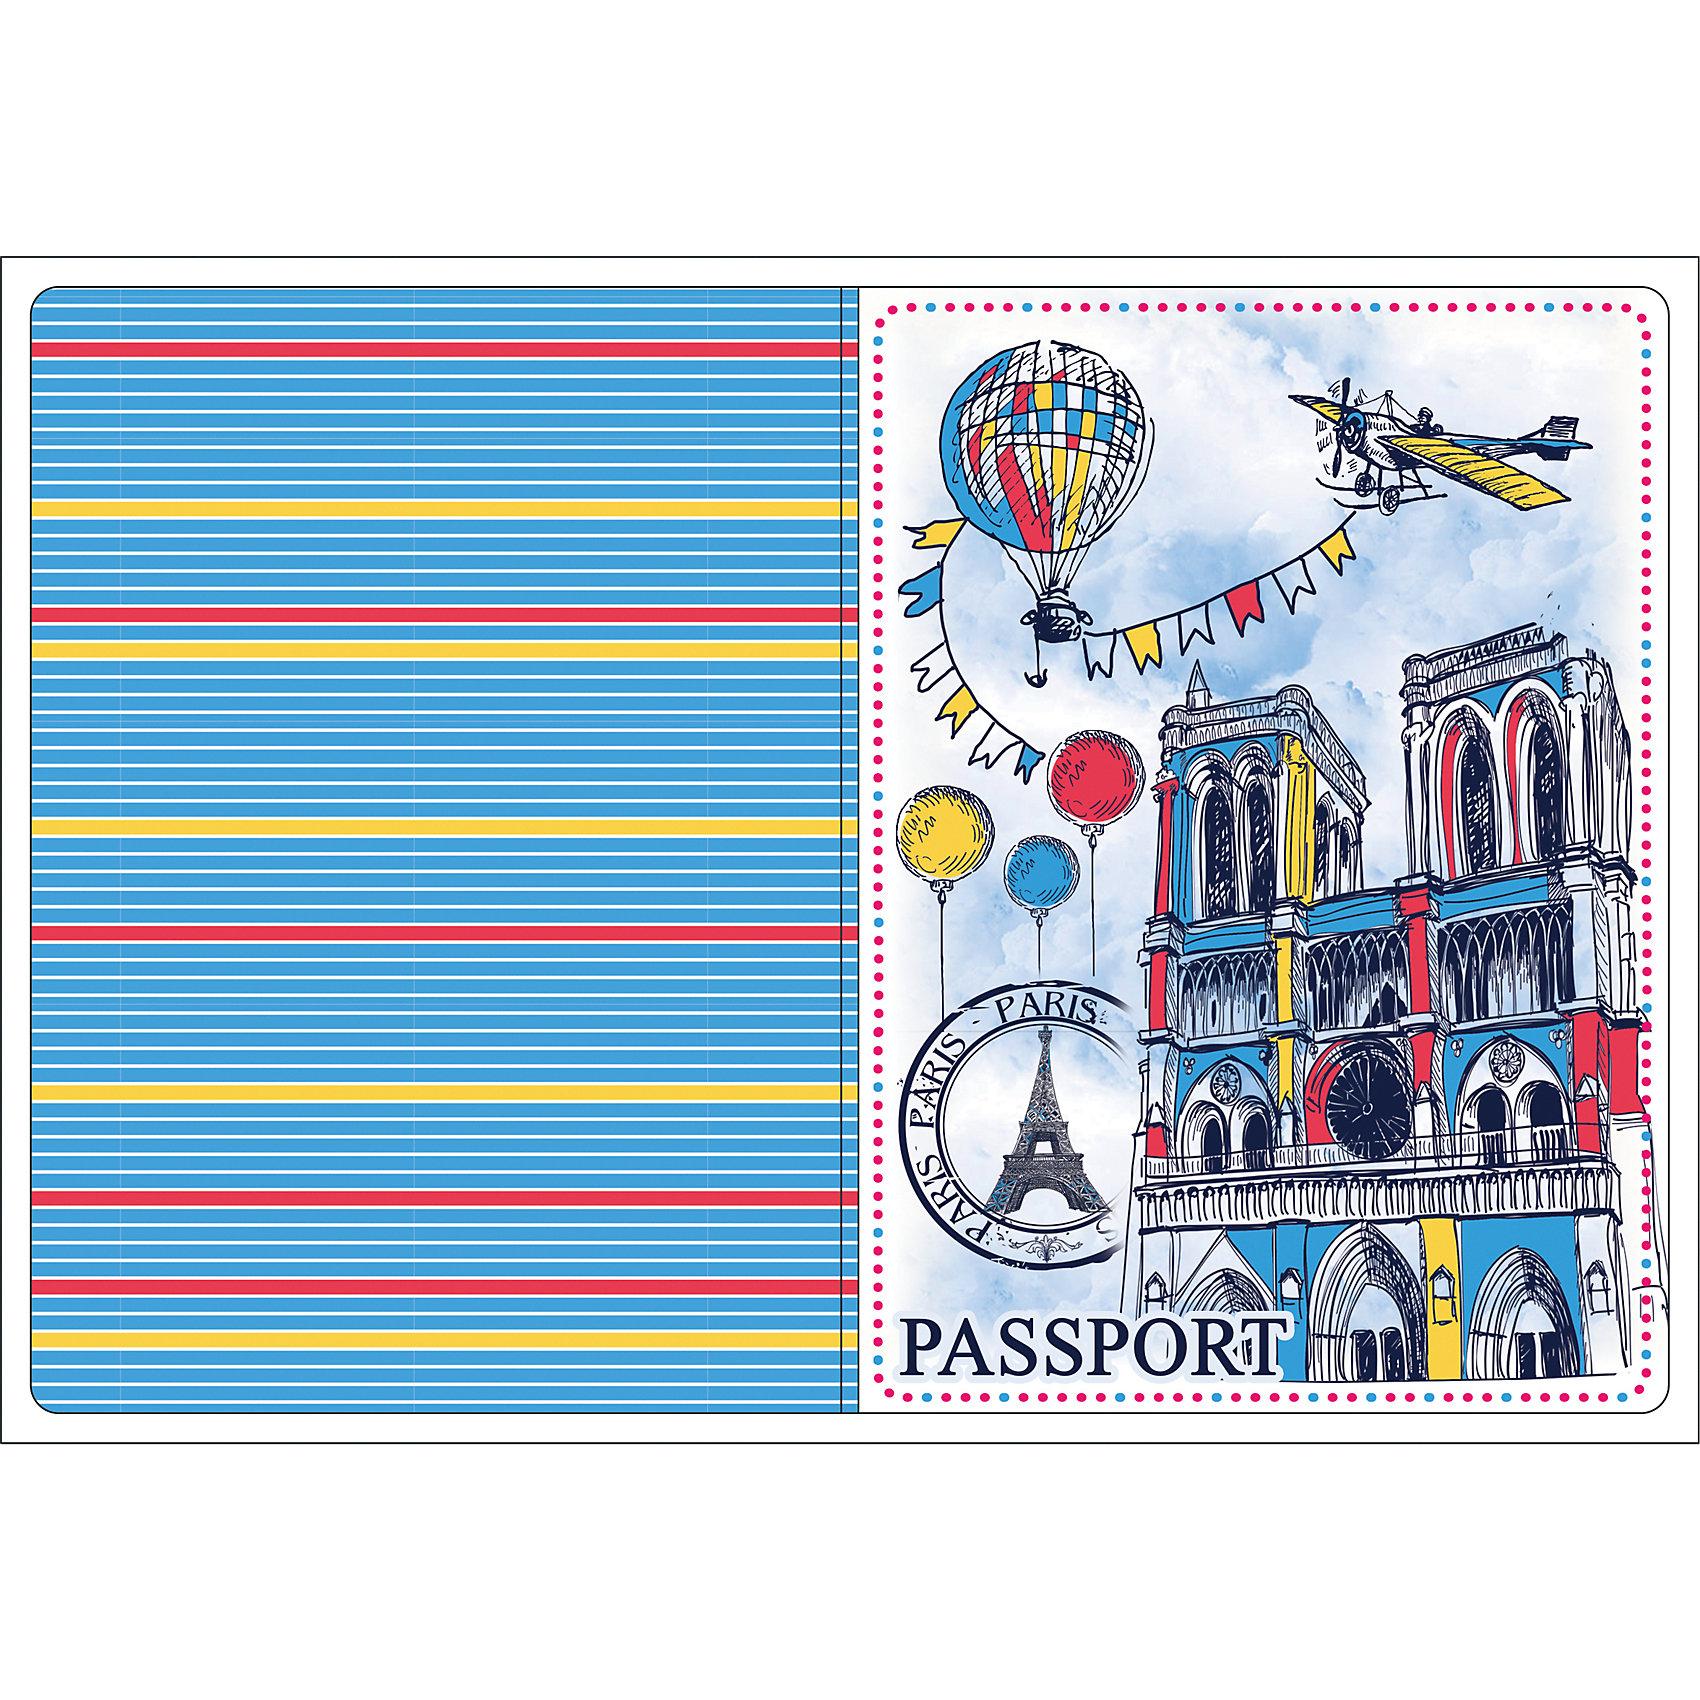 Обложка для паспорта Нотр-Дам, Феникс-ПрезентВ дорогу<br>Обложка для паспорта Нотр-Дам, Феникс-Презент<br><br>Характеристики:<br><br>• оригинальный дизайн<br>• высокая прочность<br>• размер: 13,3х19,1 см<br>• материал: ПВХ<br><br>Обложка для паспорта Нотр-Дам надежно защитит ваши документы от повреждений. Она выполнена из прочного ПВХ с высокой износостойкостью. Обложка оформлена изображением известного собора Парижа. Размер обложки - 13,3х19,1 сантиметров.<br><br>Обложку для паспорта Нотр-Дам, Феникс-Презент вы можете купить в нашем интернет-магазине.<br><br>Ширина мм: 133<br>Глубина мм: 191<br>Высота мм: 50<br>Вес г: 35<br>Возраст от месяцев: 168<br>Возраст до месяцев: 2147483647<br>Пол: Унисекс<br>Возраст: Детский<br>SKU: 5449577